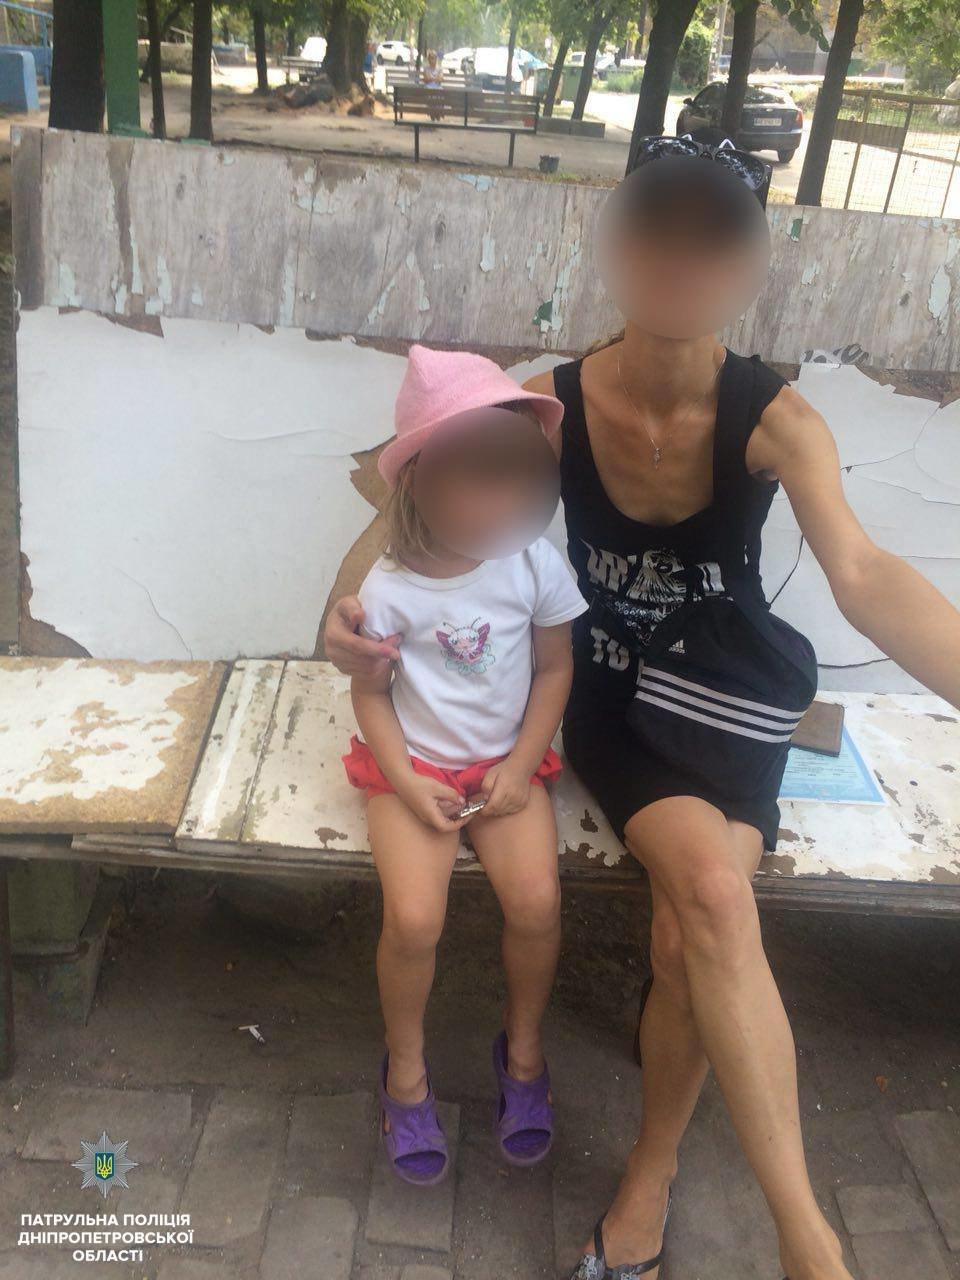 В Днепре горе-папаша оставил дочку одну гулять, а сам уснул в кустах, - ФОТО, фото-1